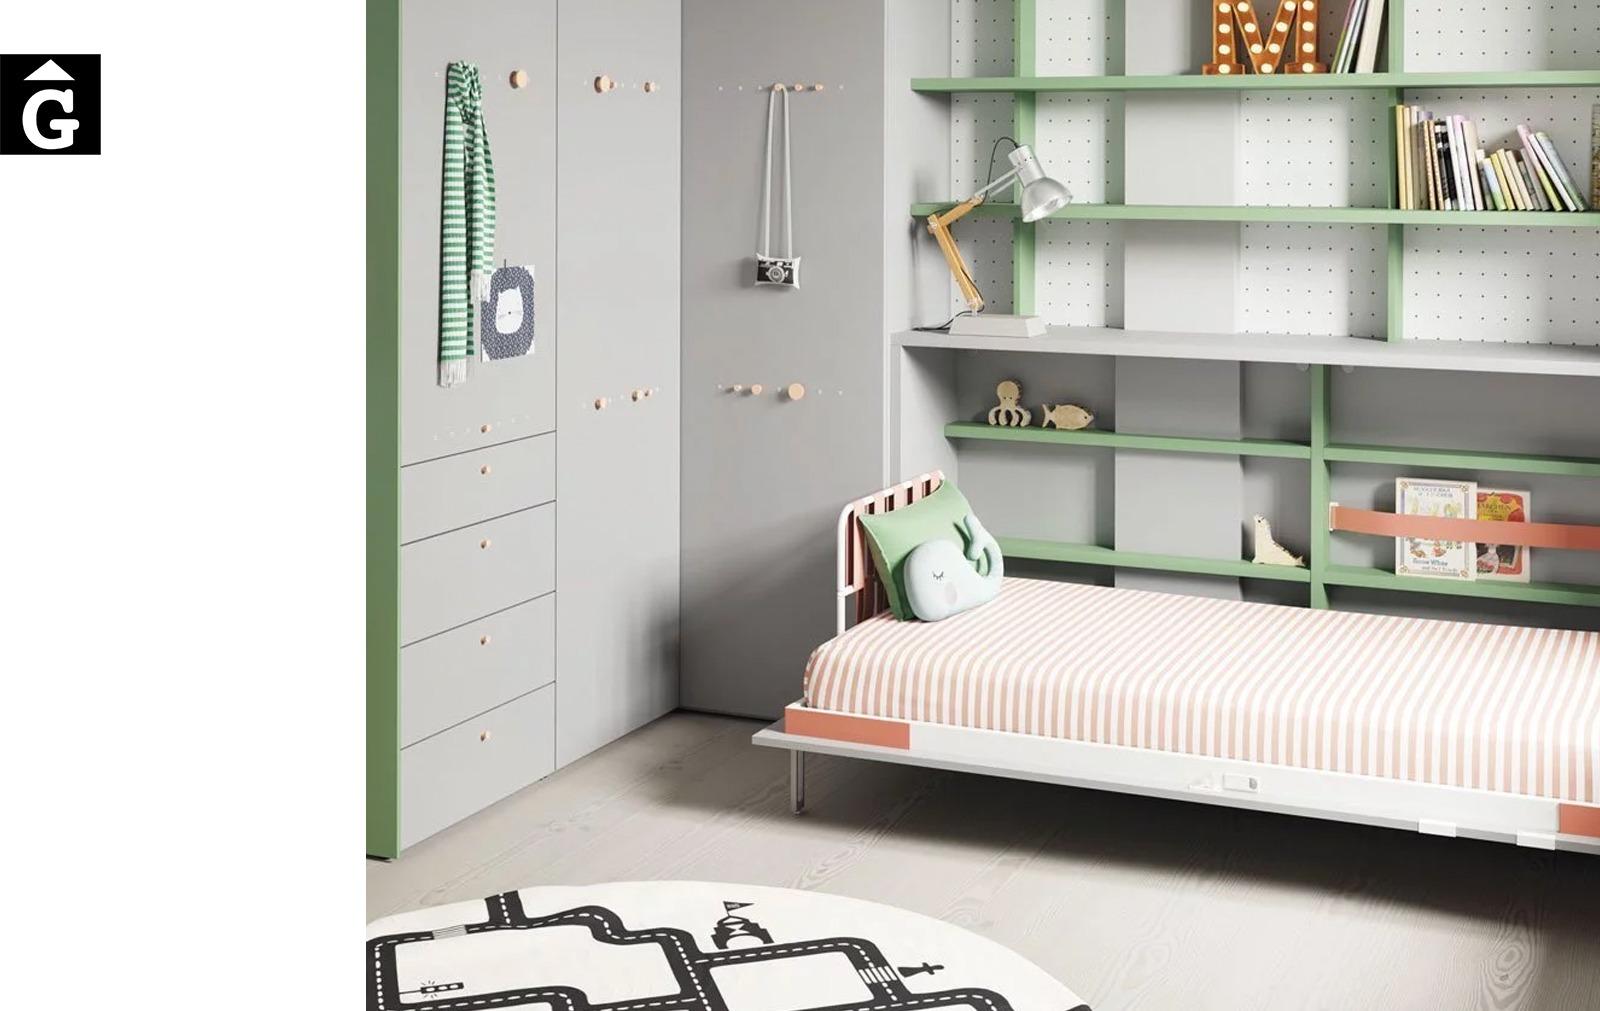 Habitació llit abatible Forest | detall llit obert | Up & Down | llits abatibles | Pràctics, saludables i segurs | Jotajotape | mobles Gifreu